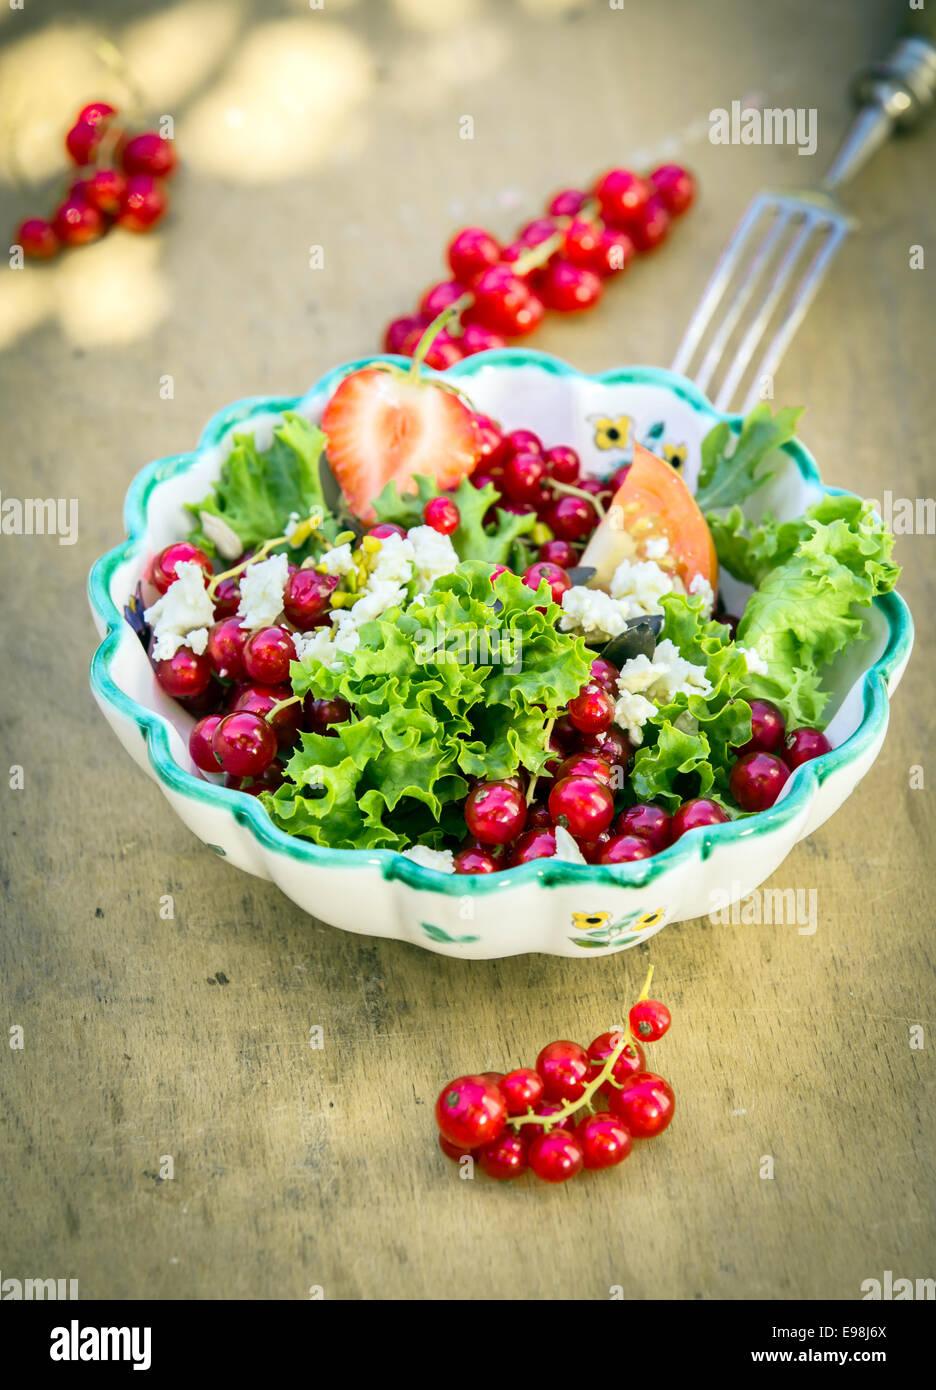 Appetitlich frischer Sommer-Salat in Schüssel auf hölzernen Hintergrund. Gut für Vegetarier. Stockbild